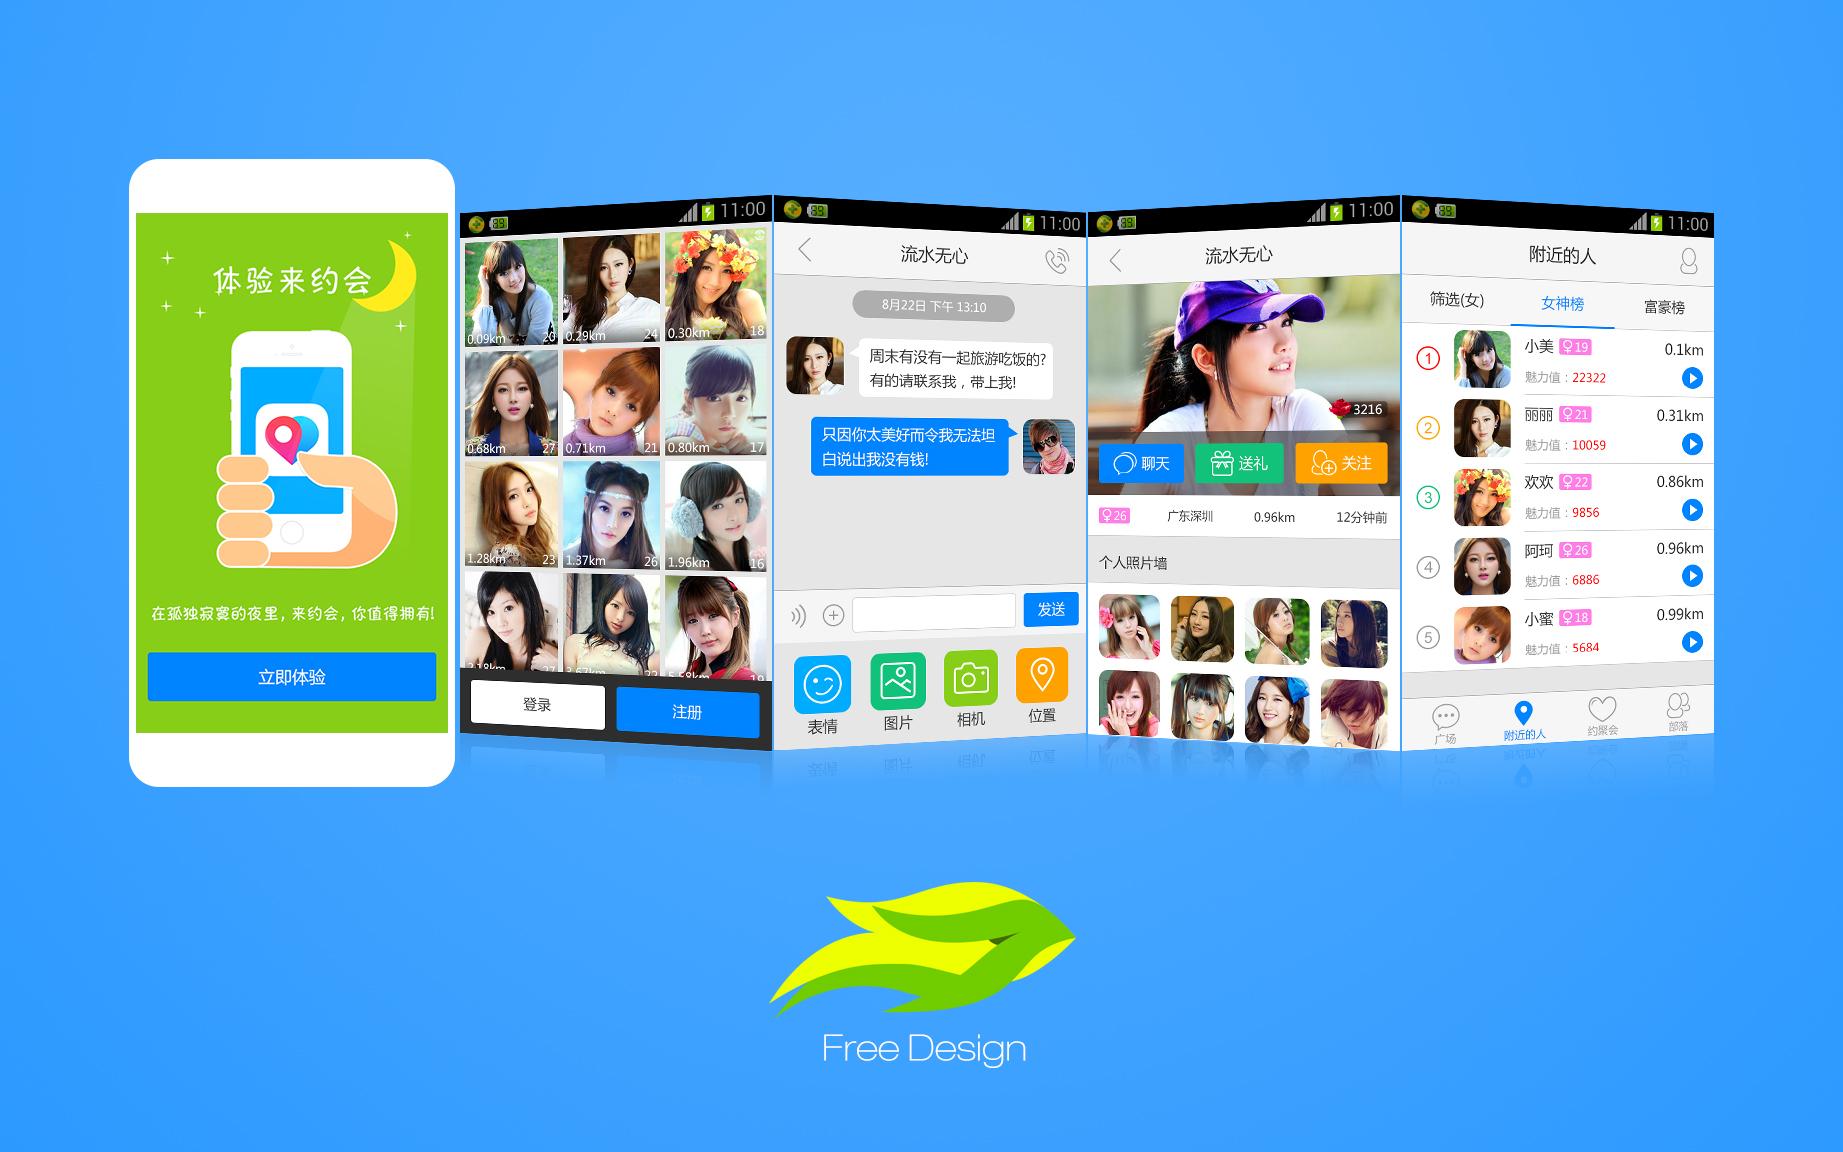 社交APP UI界面設計